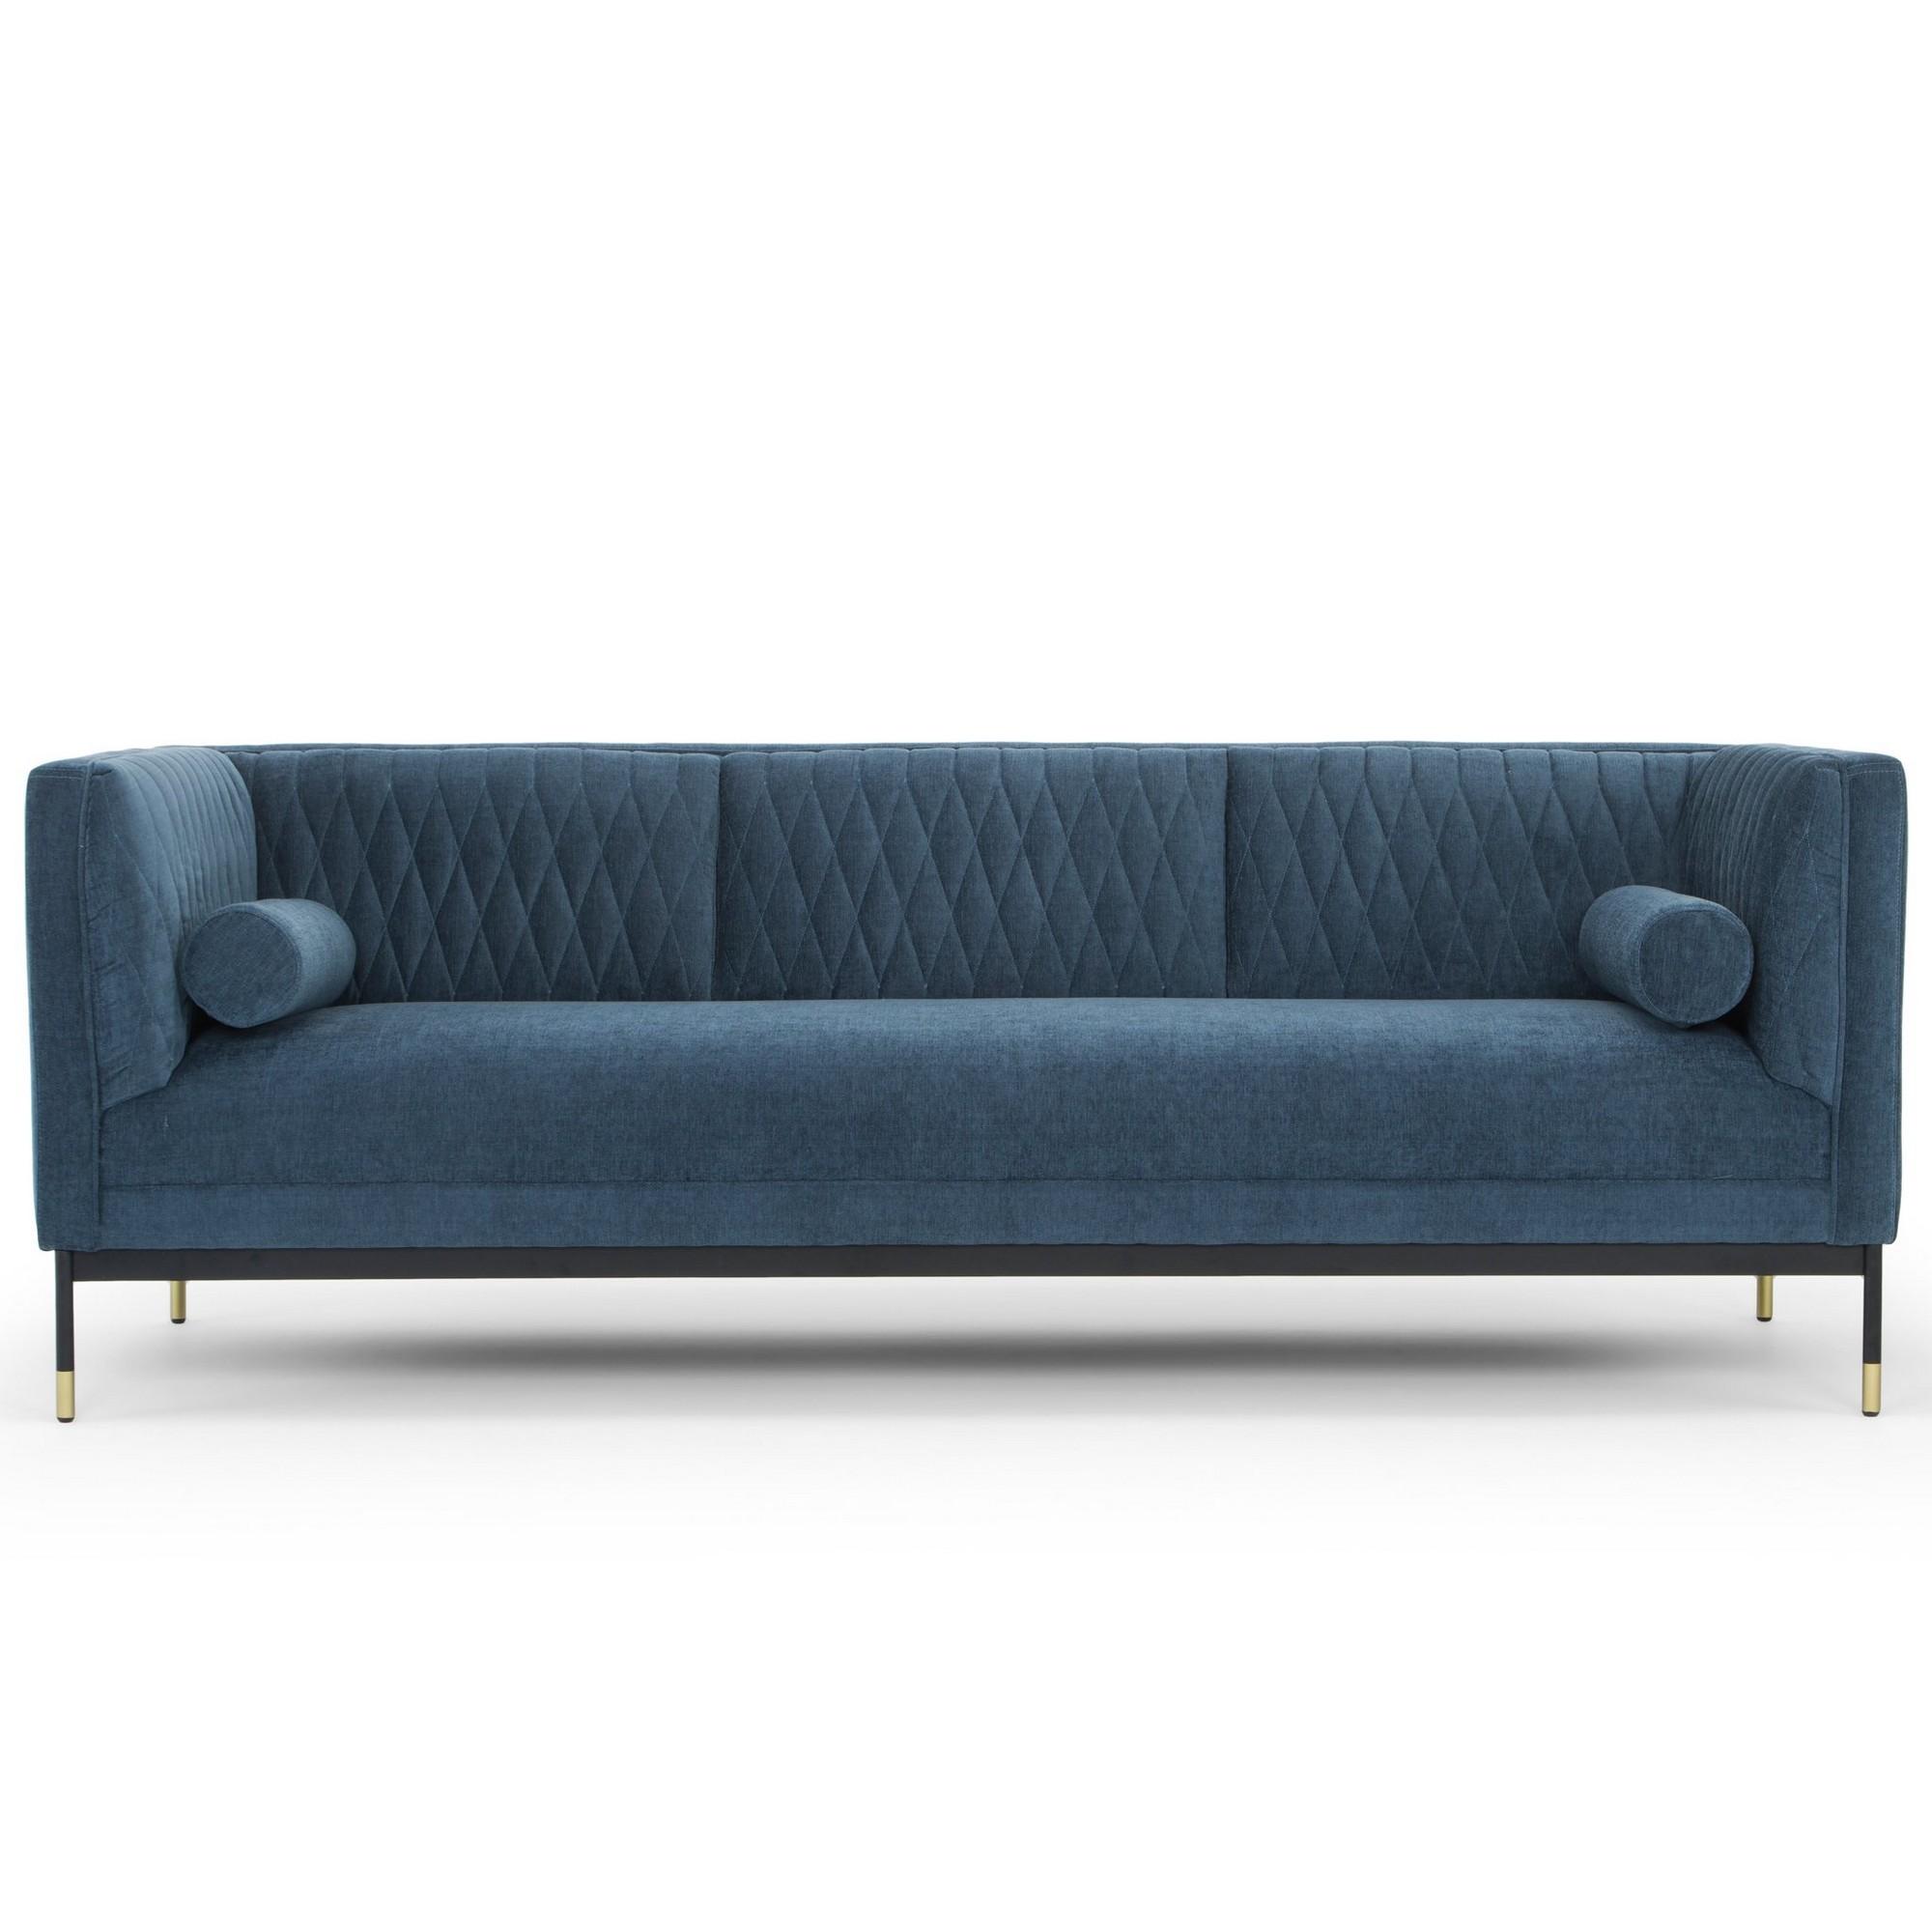 Coriole Fabric Sofa, 3 Seater, Dusty Blue